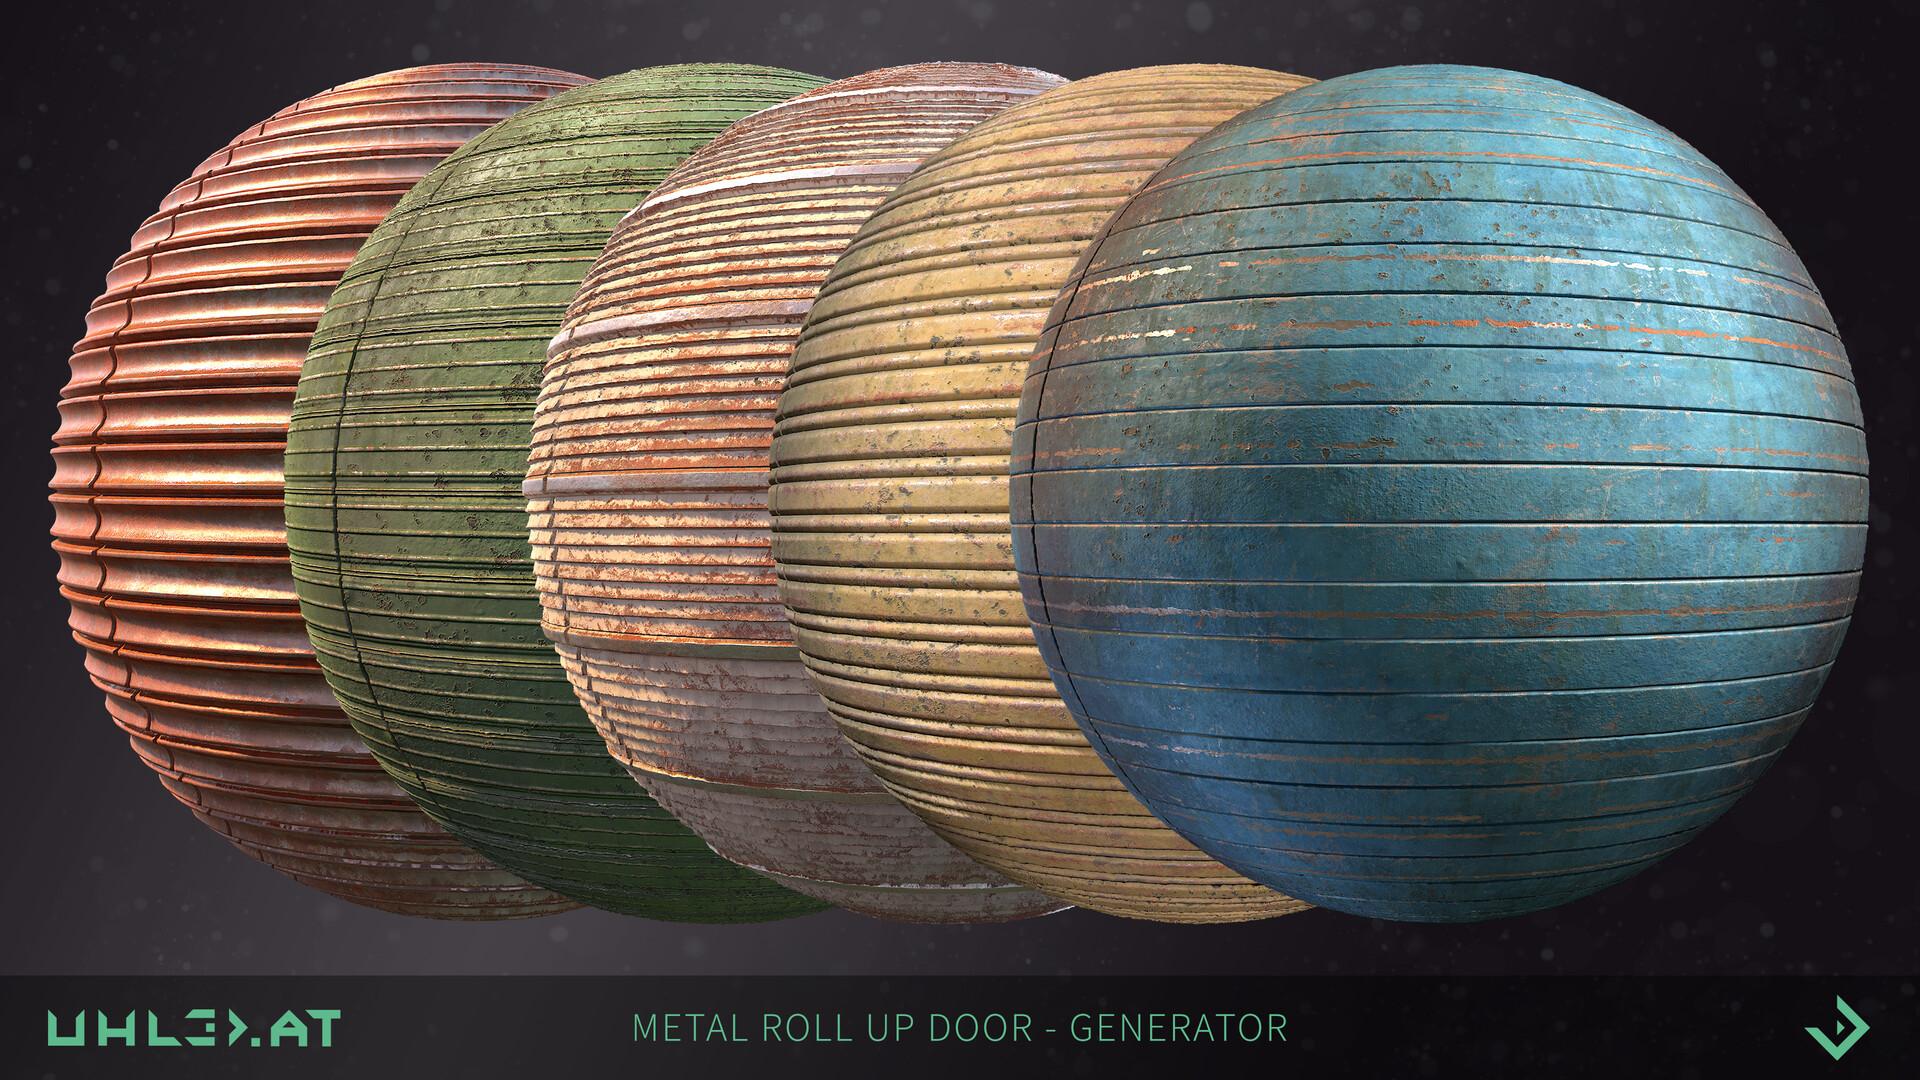 Dominik uhl metal rollup generator 01